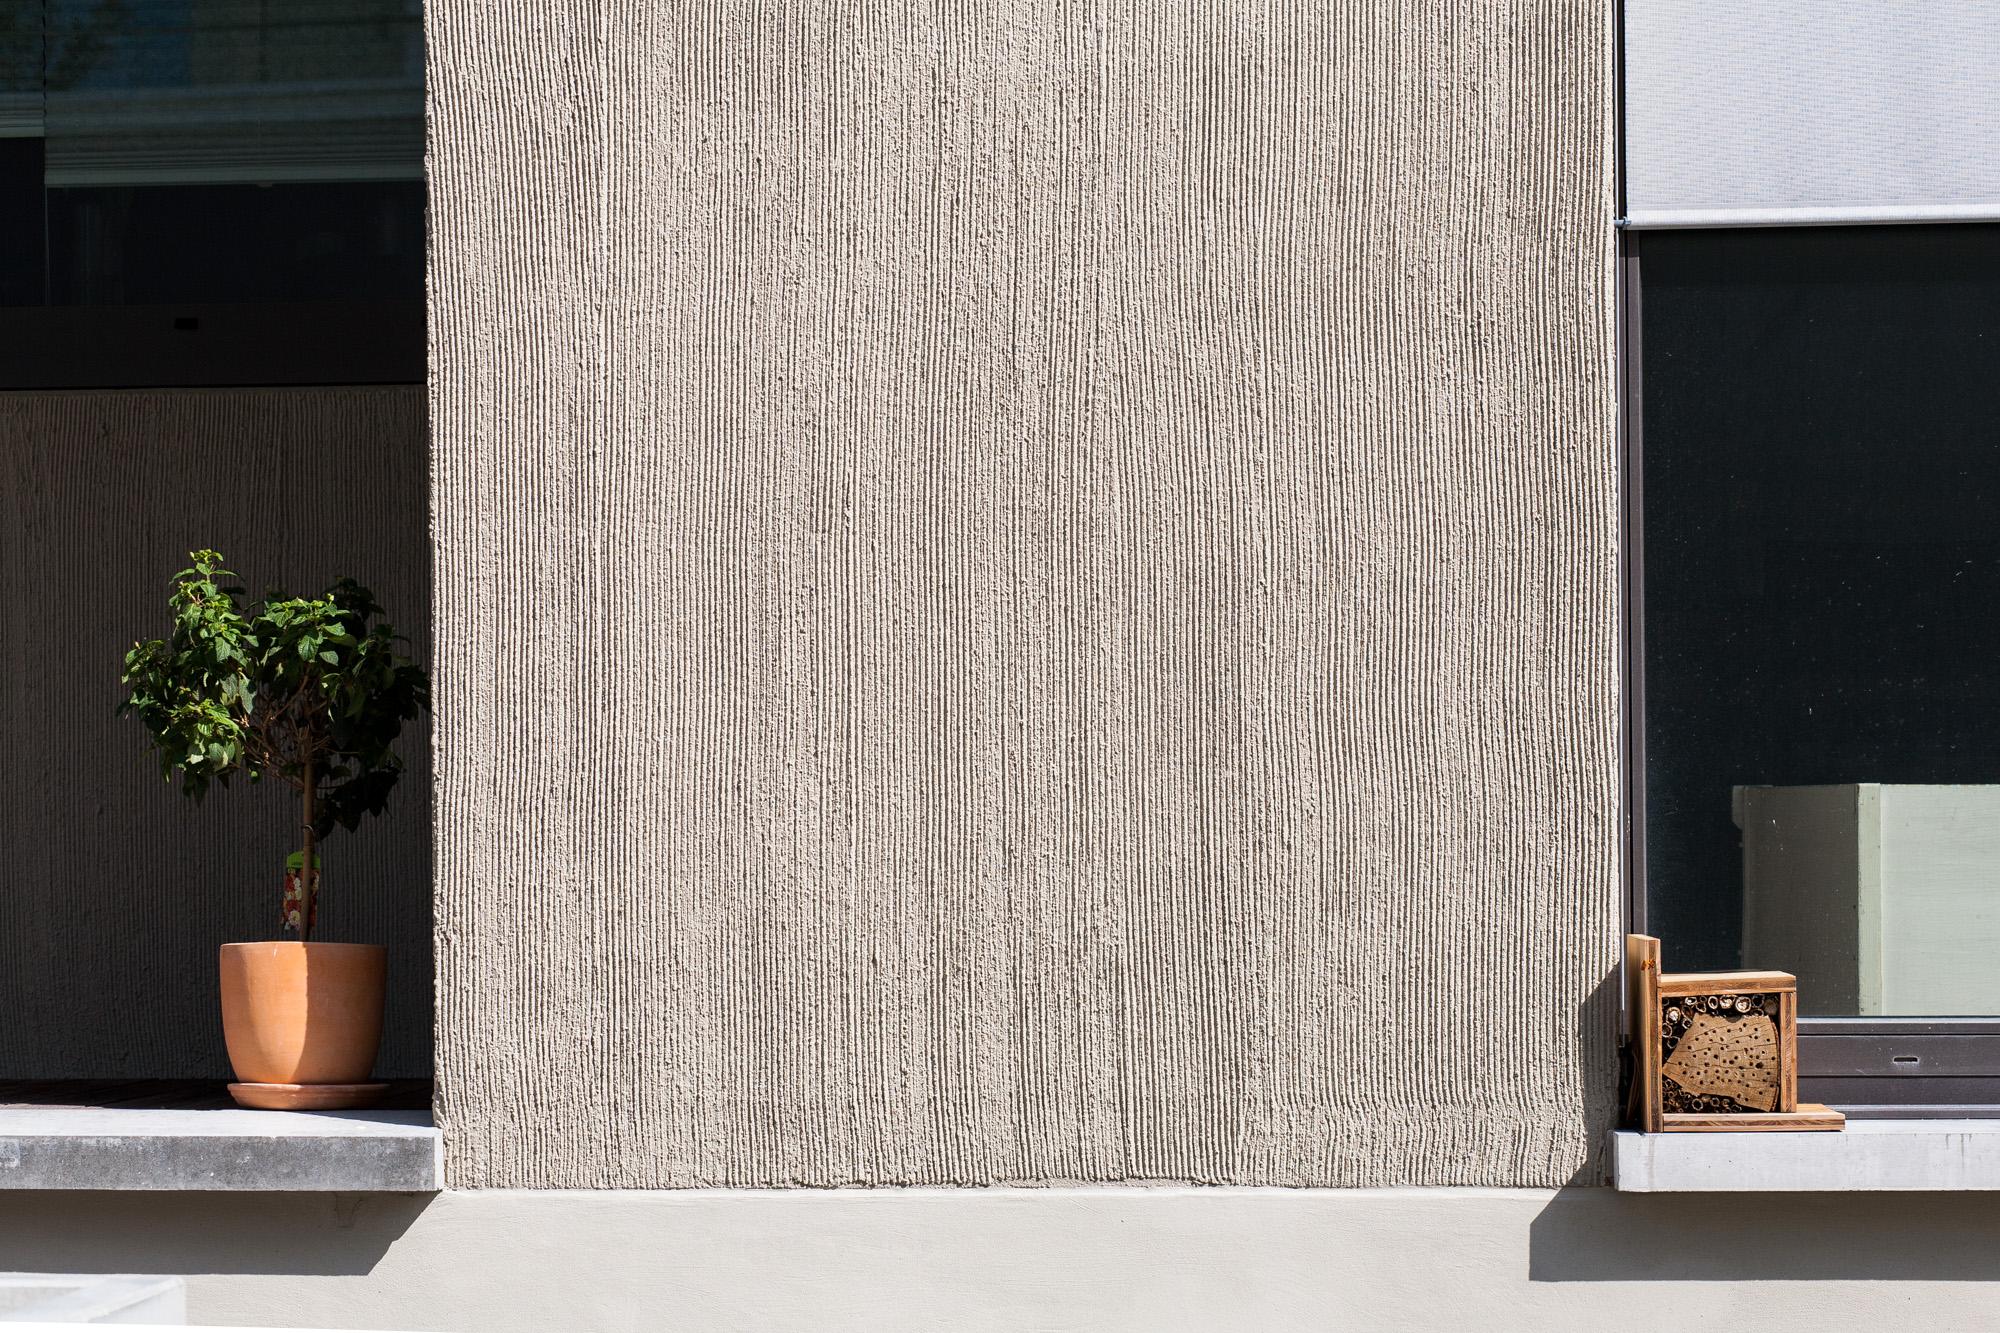 Im Herzen von Bern nahe des Zentrum Paul Klee entstanden städtische Wohnungen an privilegierter Lage. Das neue urbane Wohnquartiert besticht durch die modernen Liegenschaften, welche mit grossen Fensterfronten und lebendigen Innenräumen gestaltet wurden. Die MerzGips AG konnte für das Quartier Schönberg-Ost Fassadenbau ausführen.